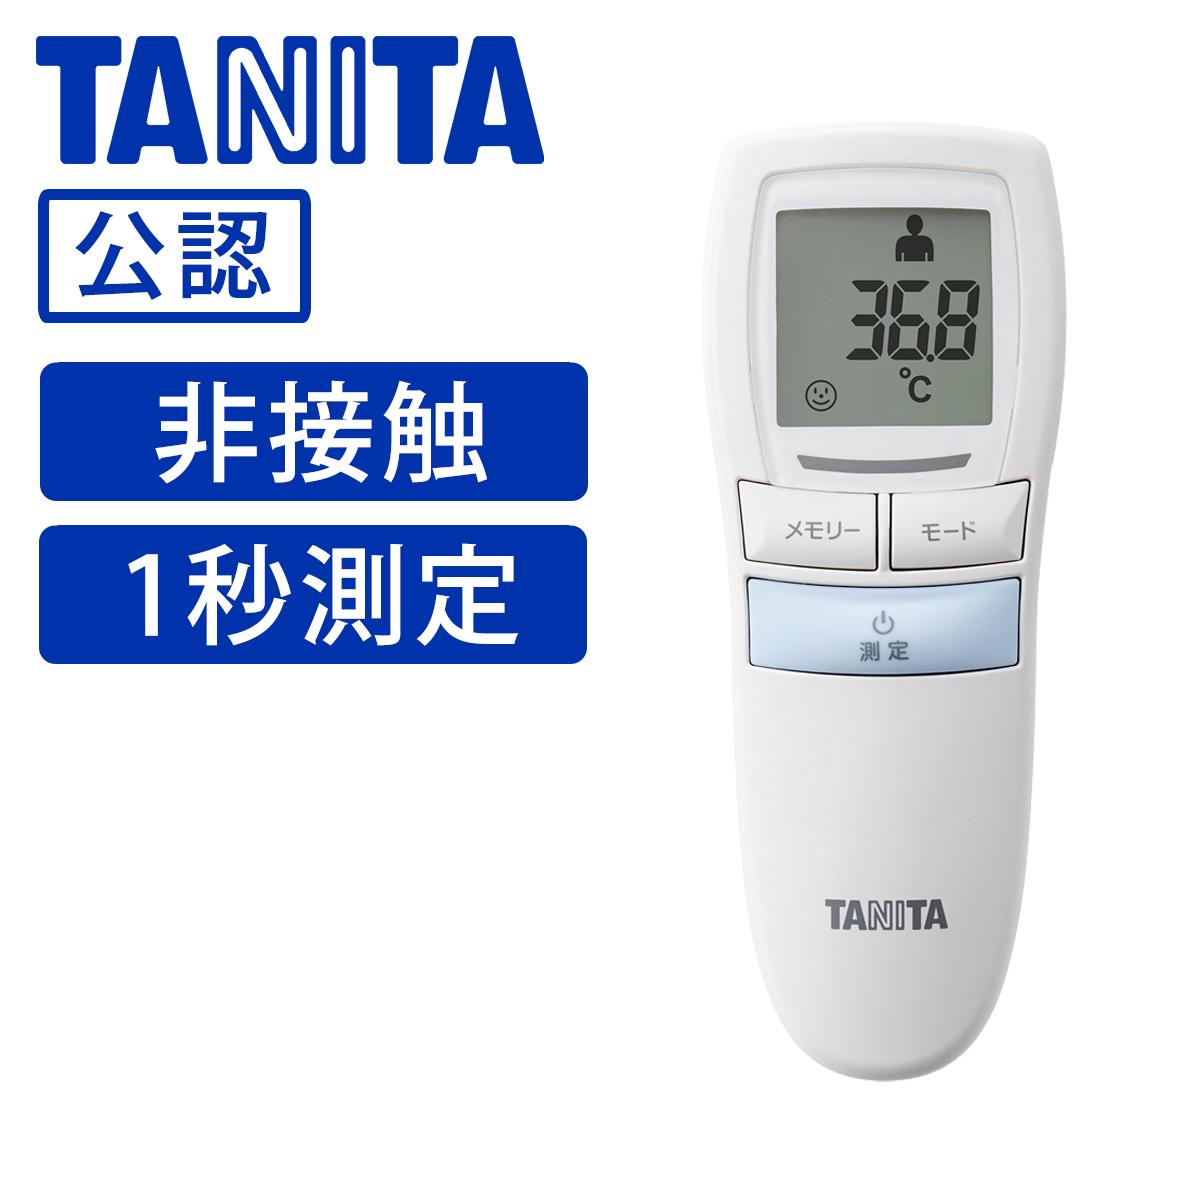 非接触だから 手軽にはかれる 公認ショップ 激安超特価 タニタ 非接触 体温計 1秒 おでこ BT542 医療用 TANITA 医療機器 額 在庫あり 赤ちゃん 医療器具 赤外線 最安値